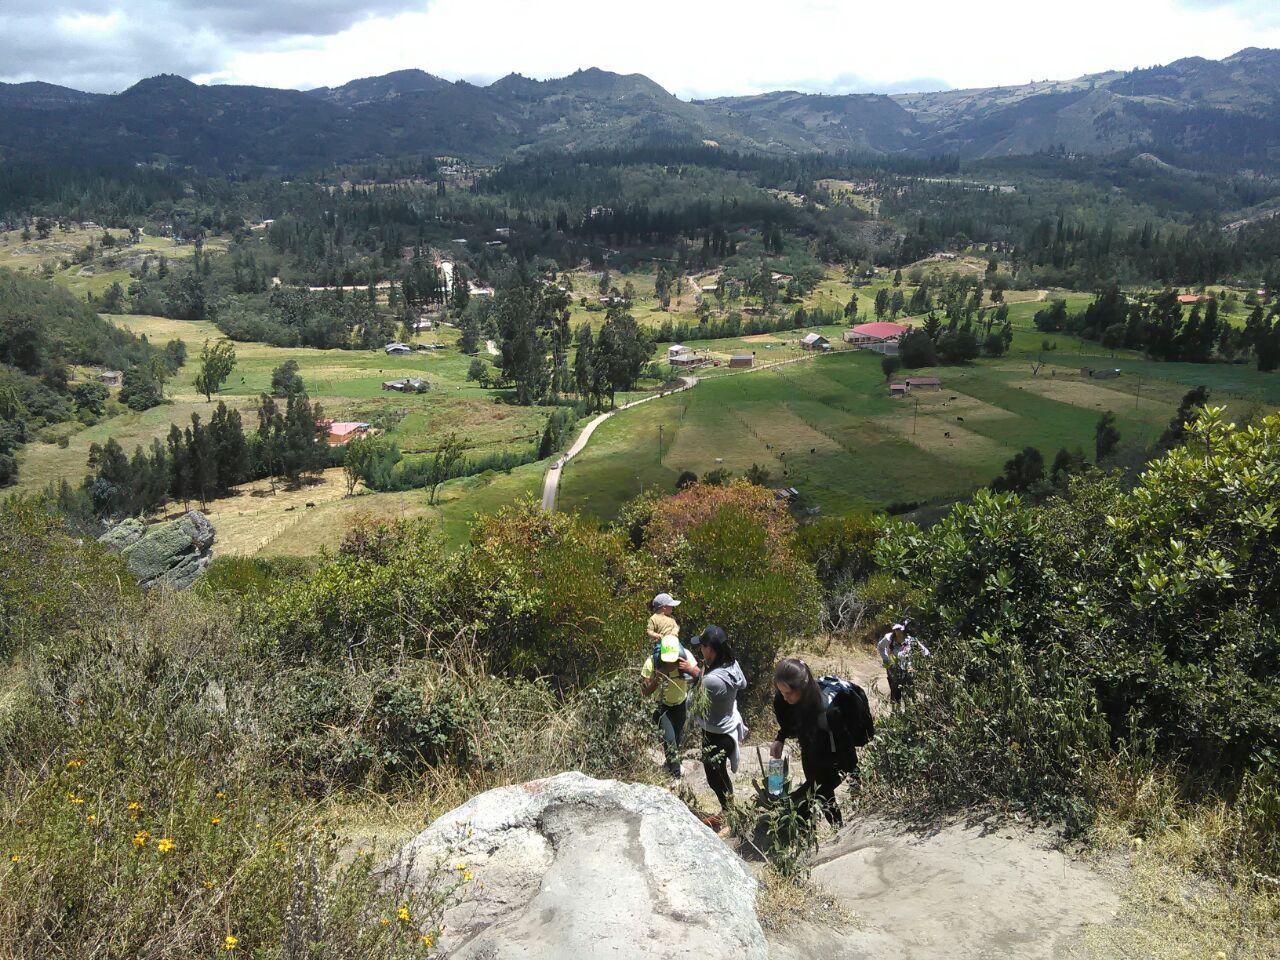 Farallones de Sutatausa - Caminatas ecológicas